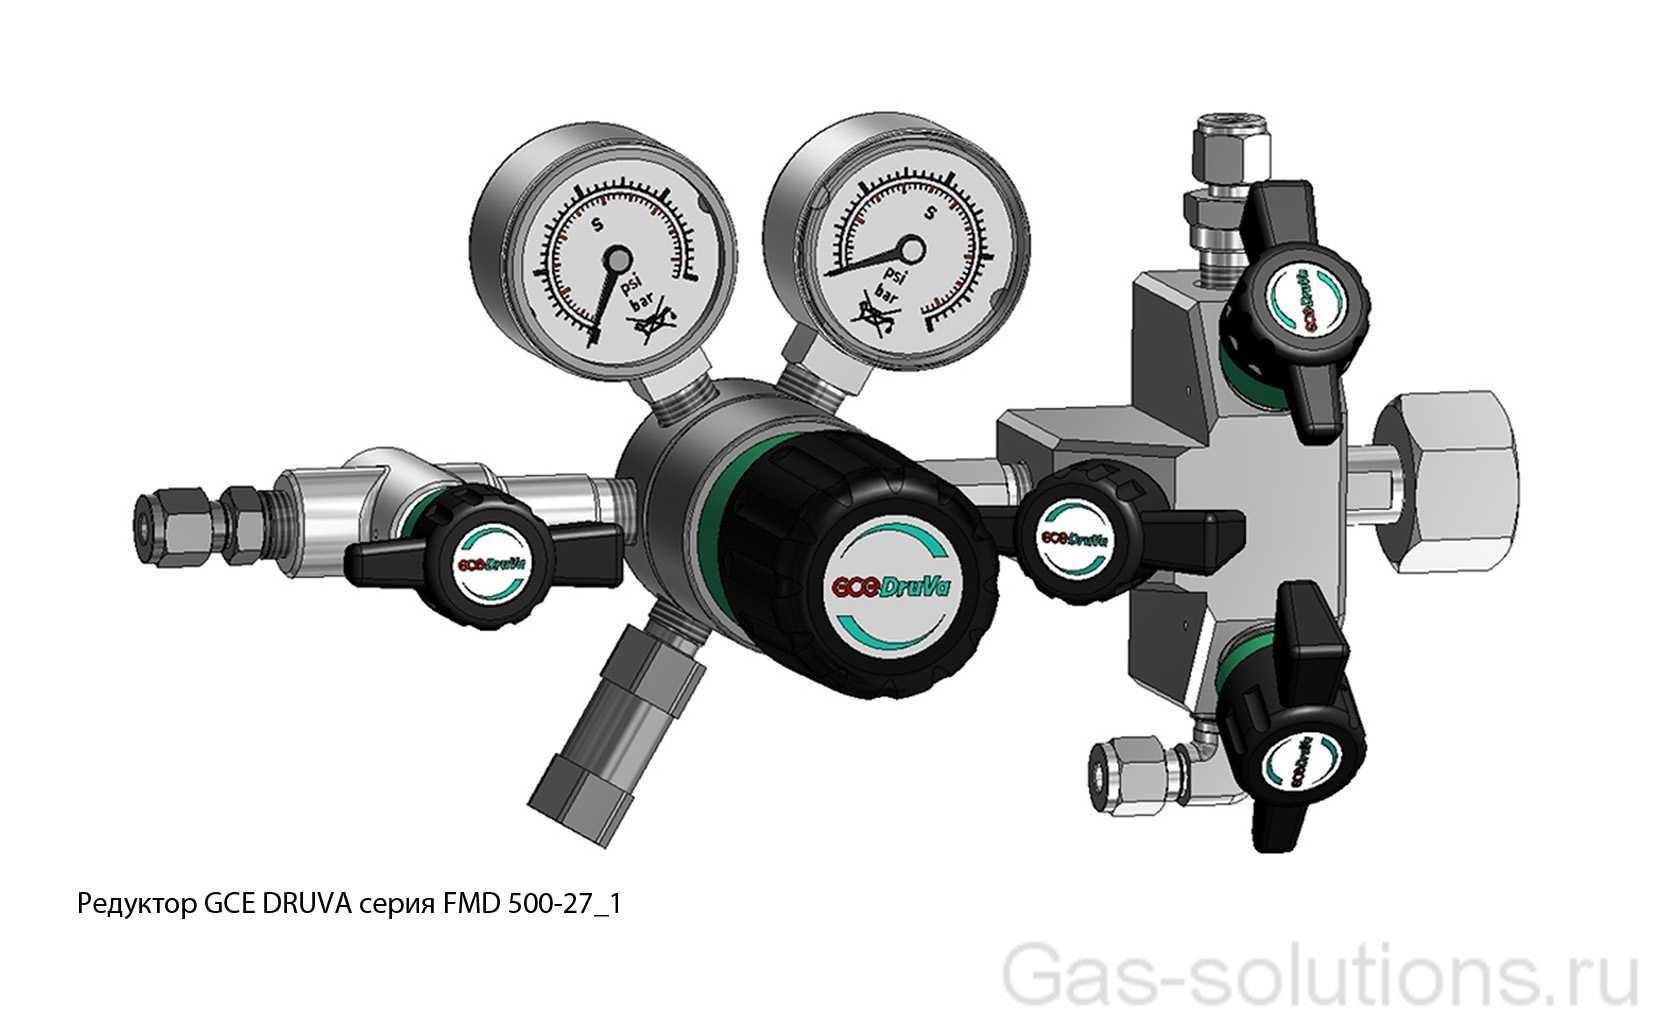 Редуктор GCE DRUVA серия FMD 500-27_1